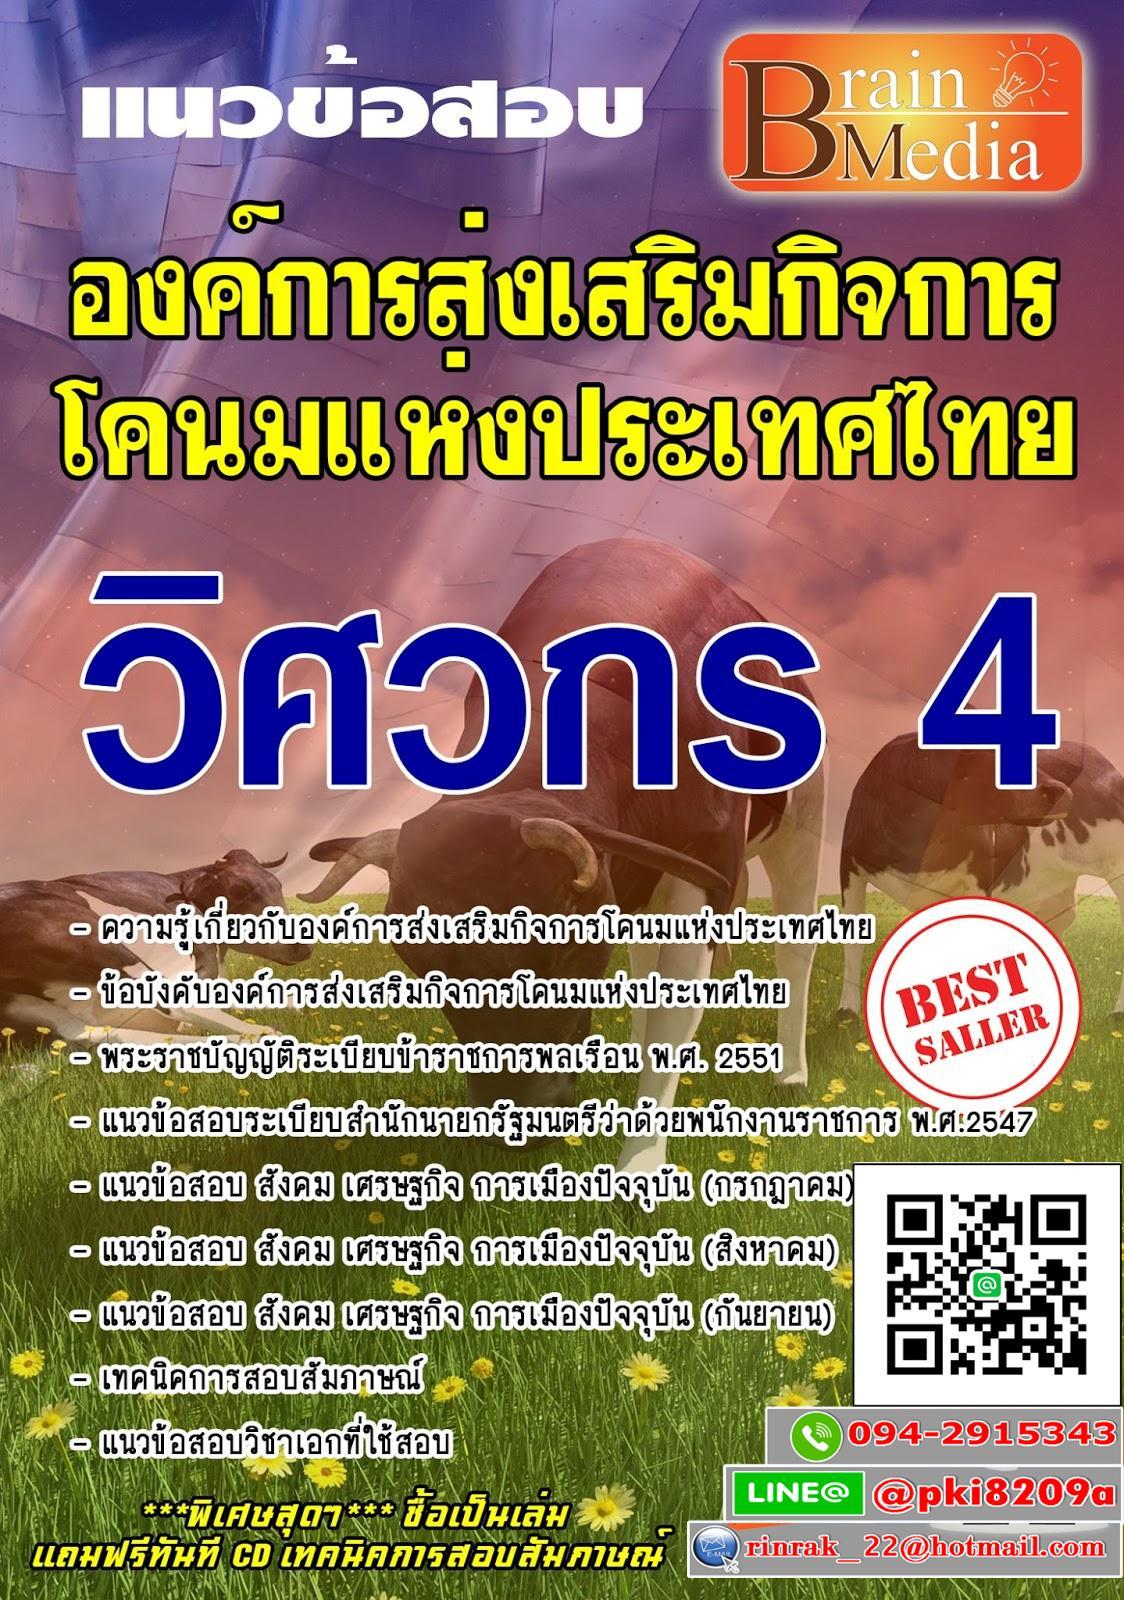 สรุปแนวข้อสอบ วิศวกร4 องค์การส่งเสริมกิจการโคนมแห่งประเทศไทย